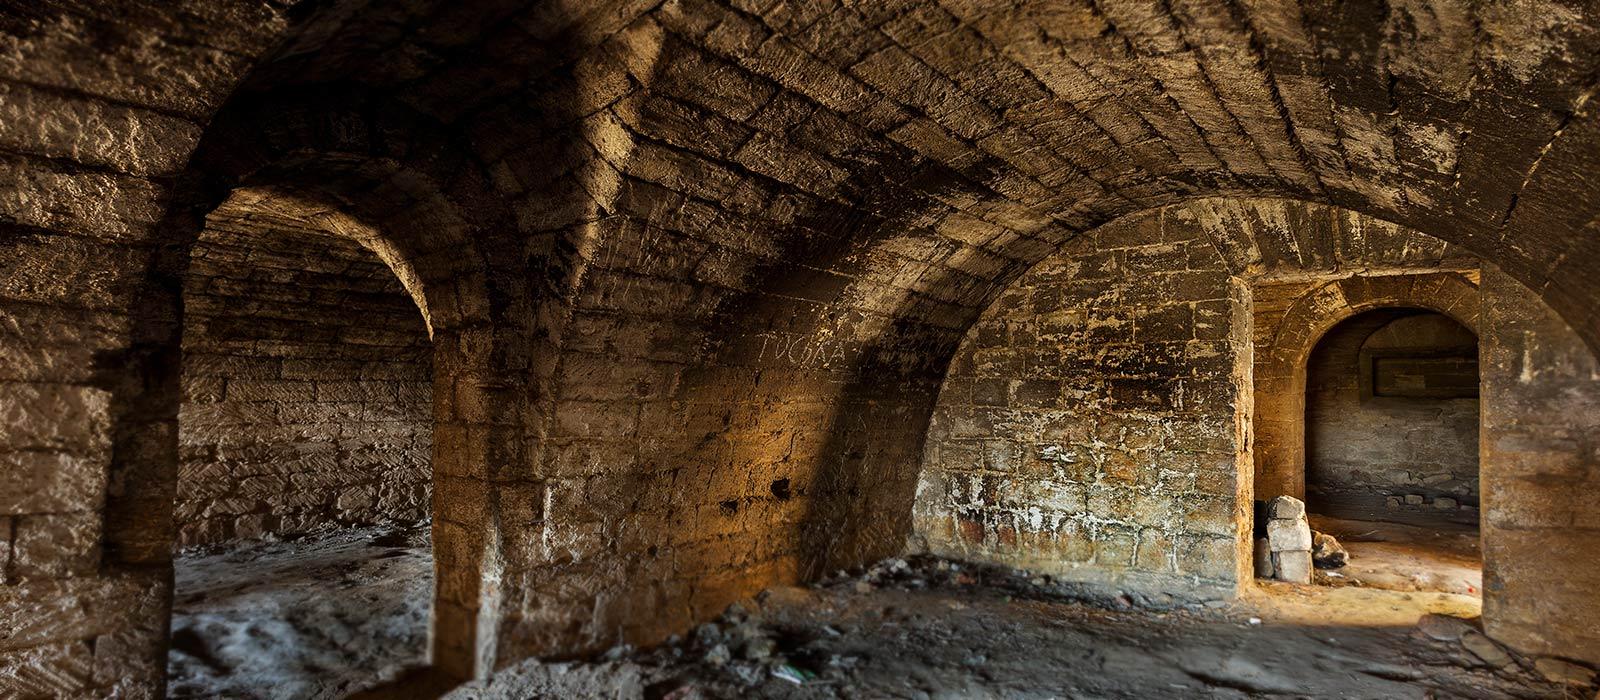 Alba underground – The past is under your feet